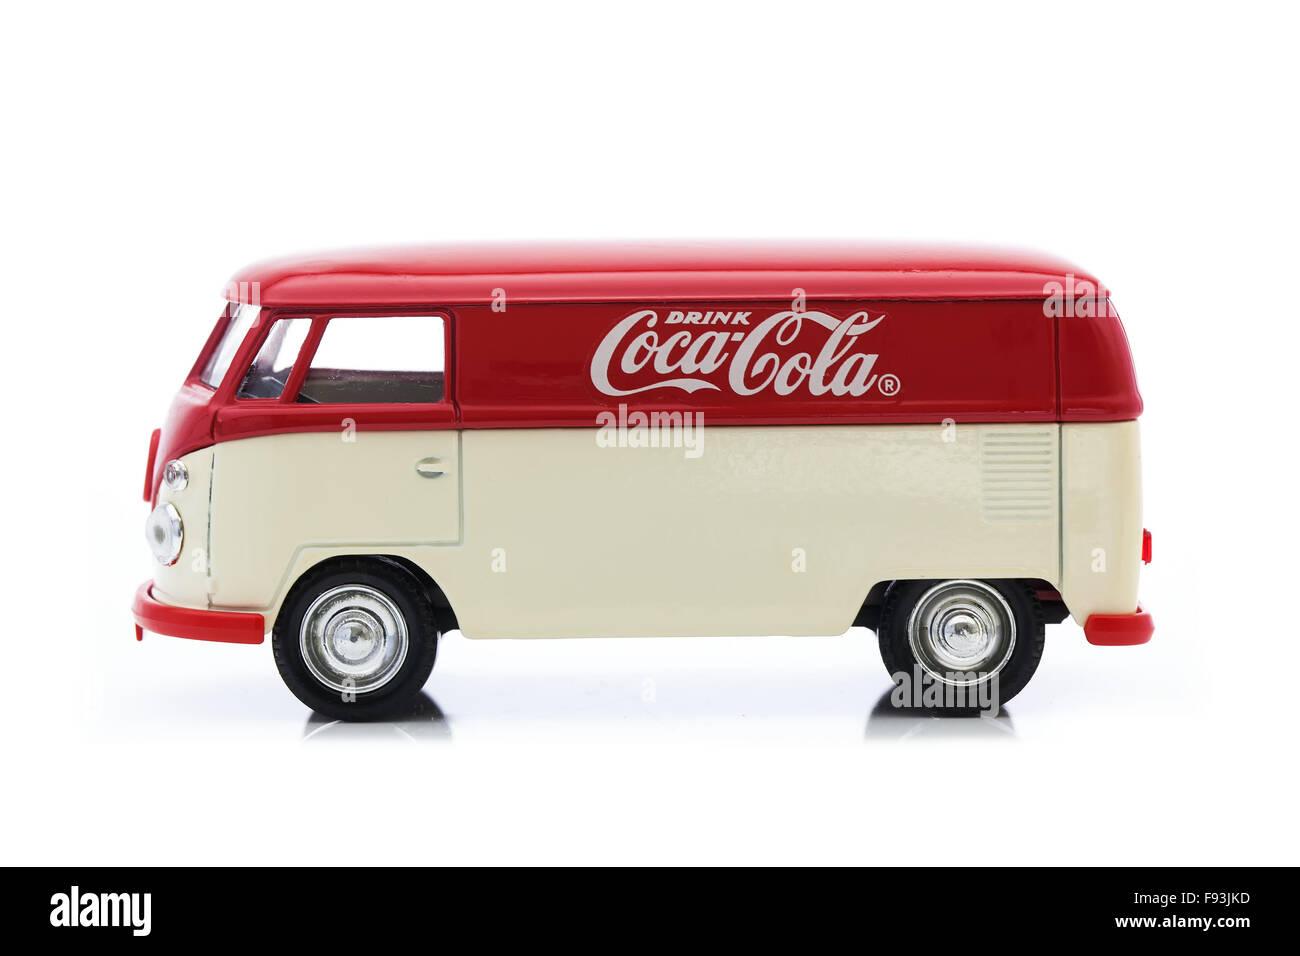 Old Toy Van Stock Photos & Old Toy Van Stock Images